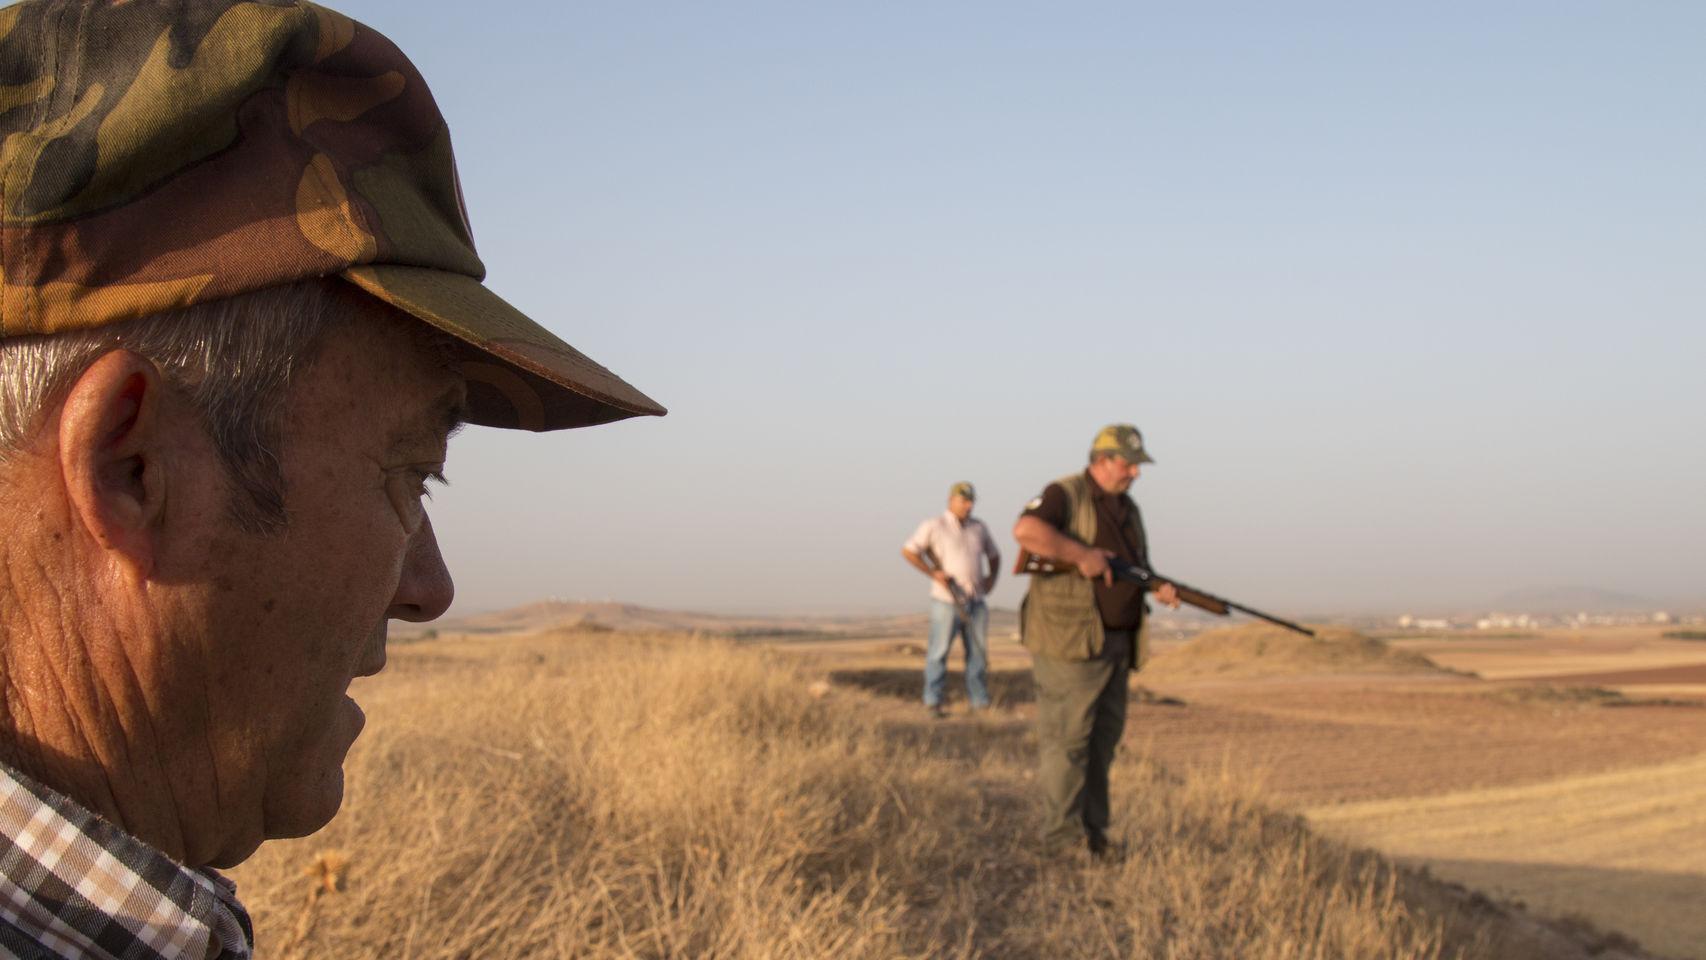 Se organizan batidas diarias de hasta 60 cazadores para intentar acabar con la plaga. - Jorge Barreno